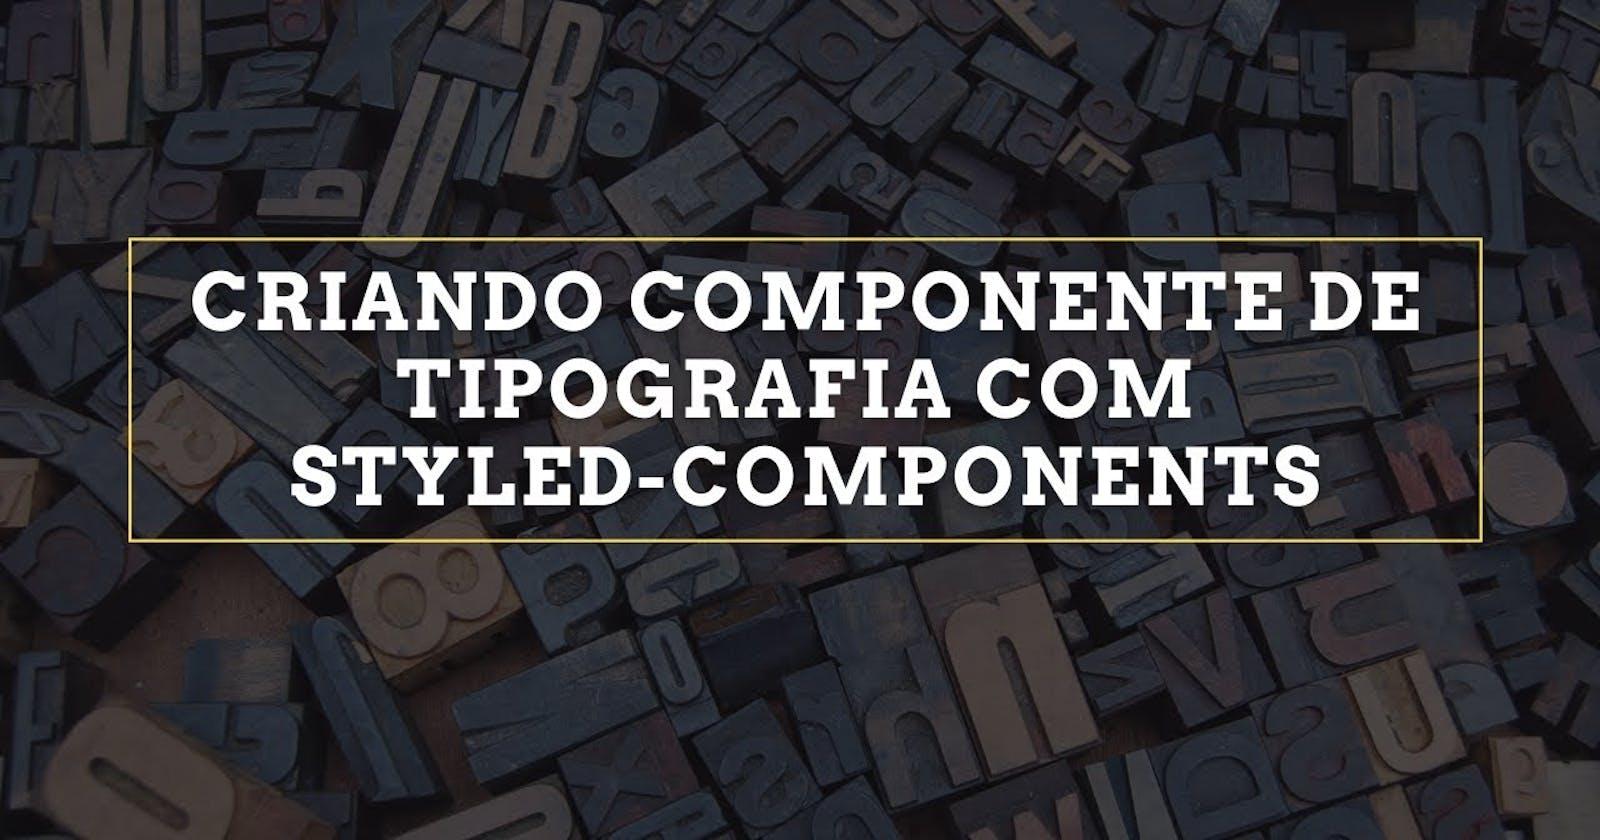 Criando componente de Tipografia com styled-components